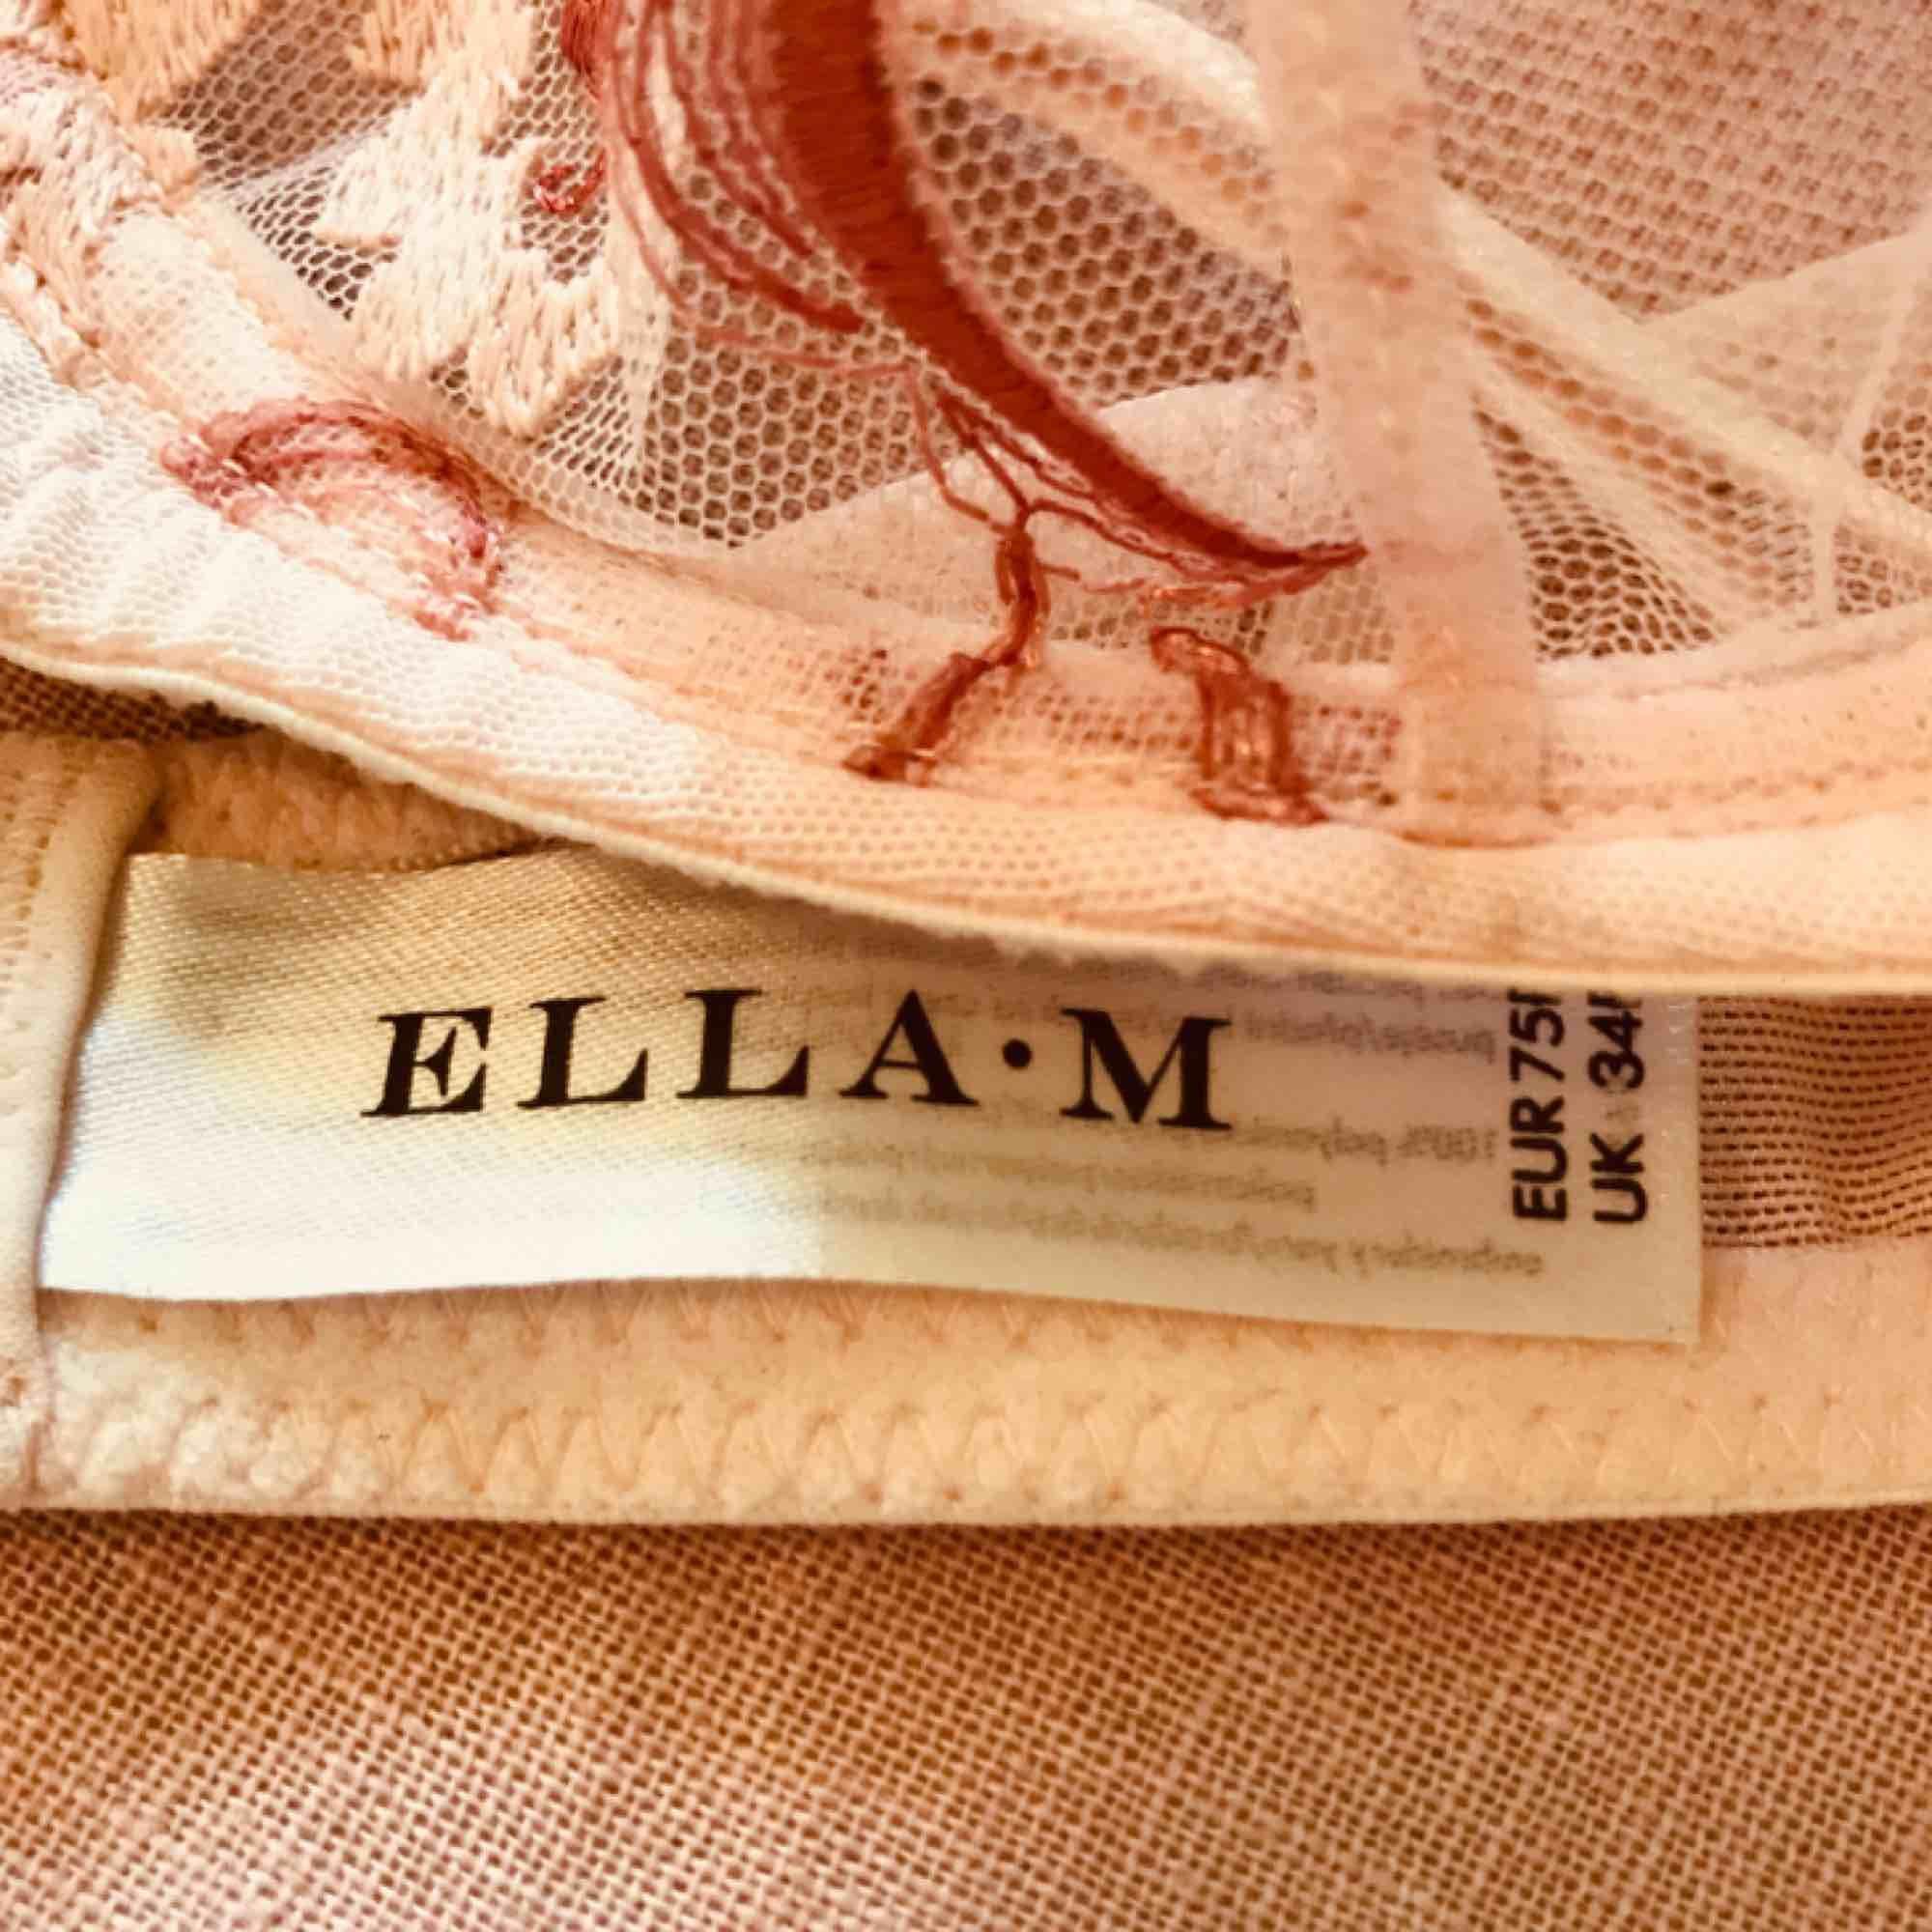 Så vacker och sexig bh från Ella M (Lindex)🌹 Finns inte längre i butik så gör ett unikt fynd! Storleken är 75b. Frakt 18kr💌 . Toppar.